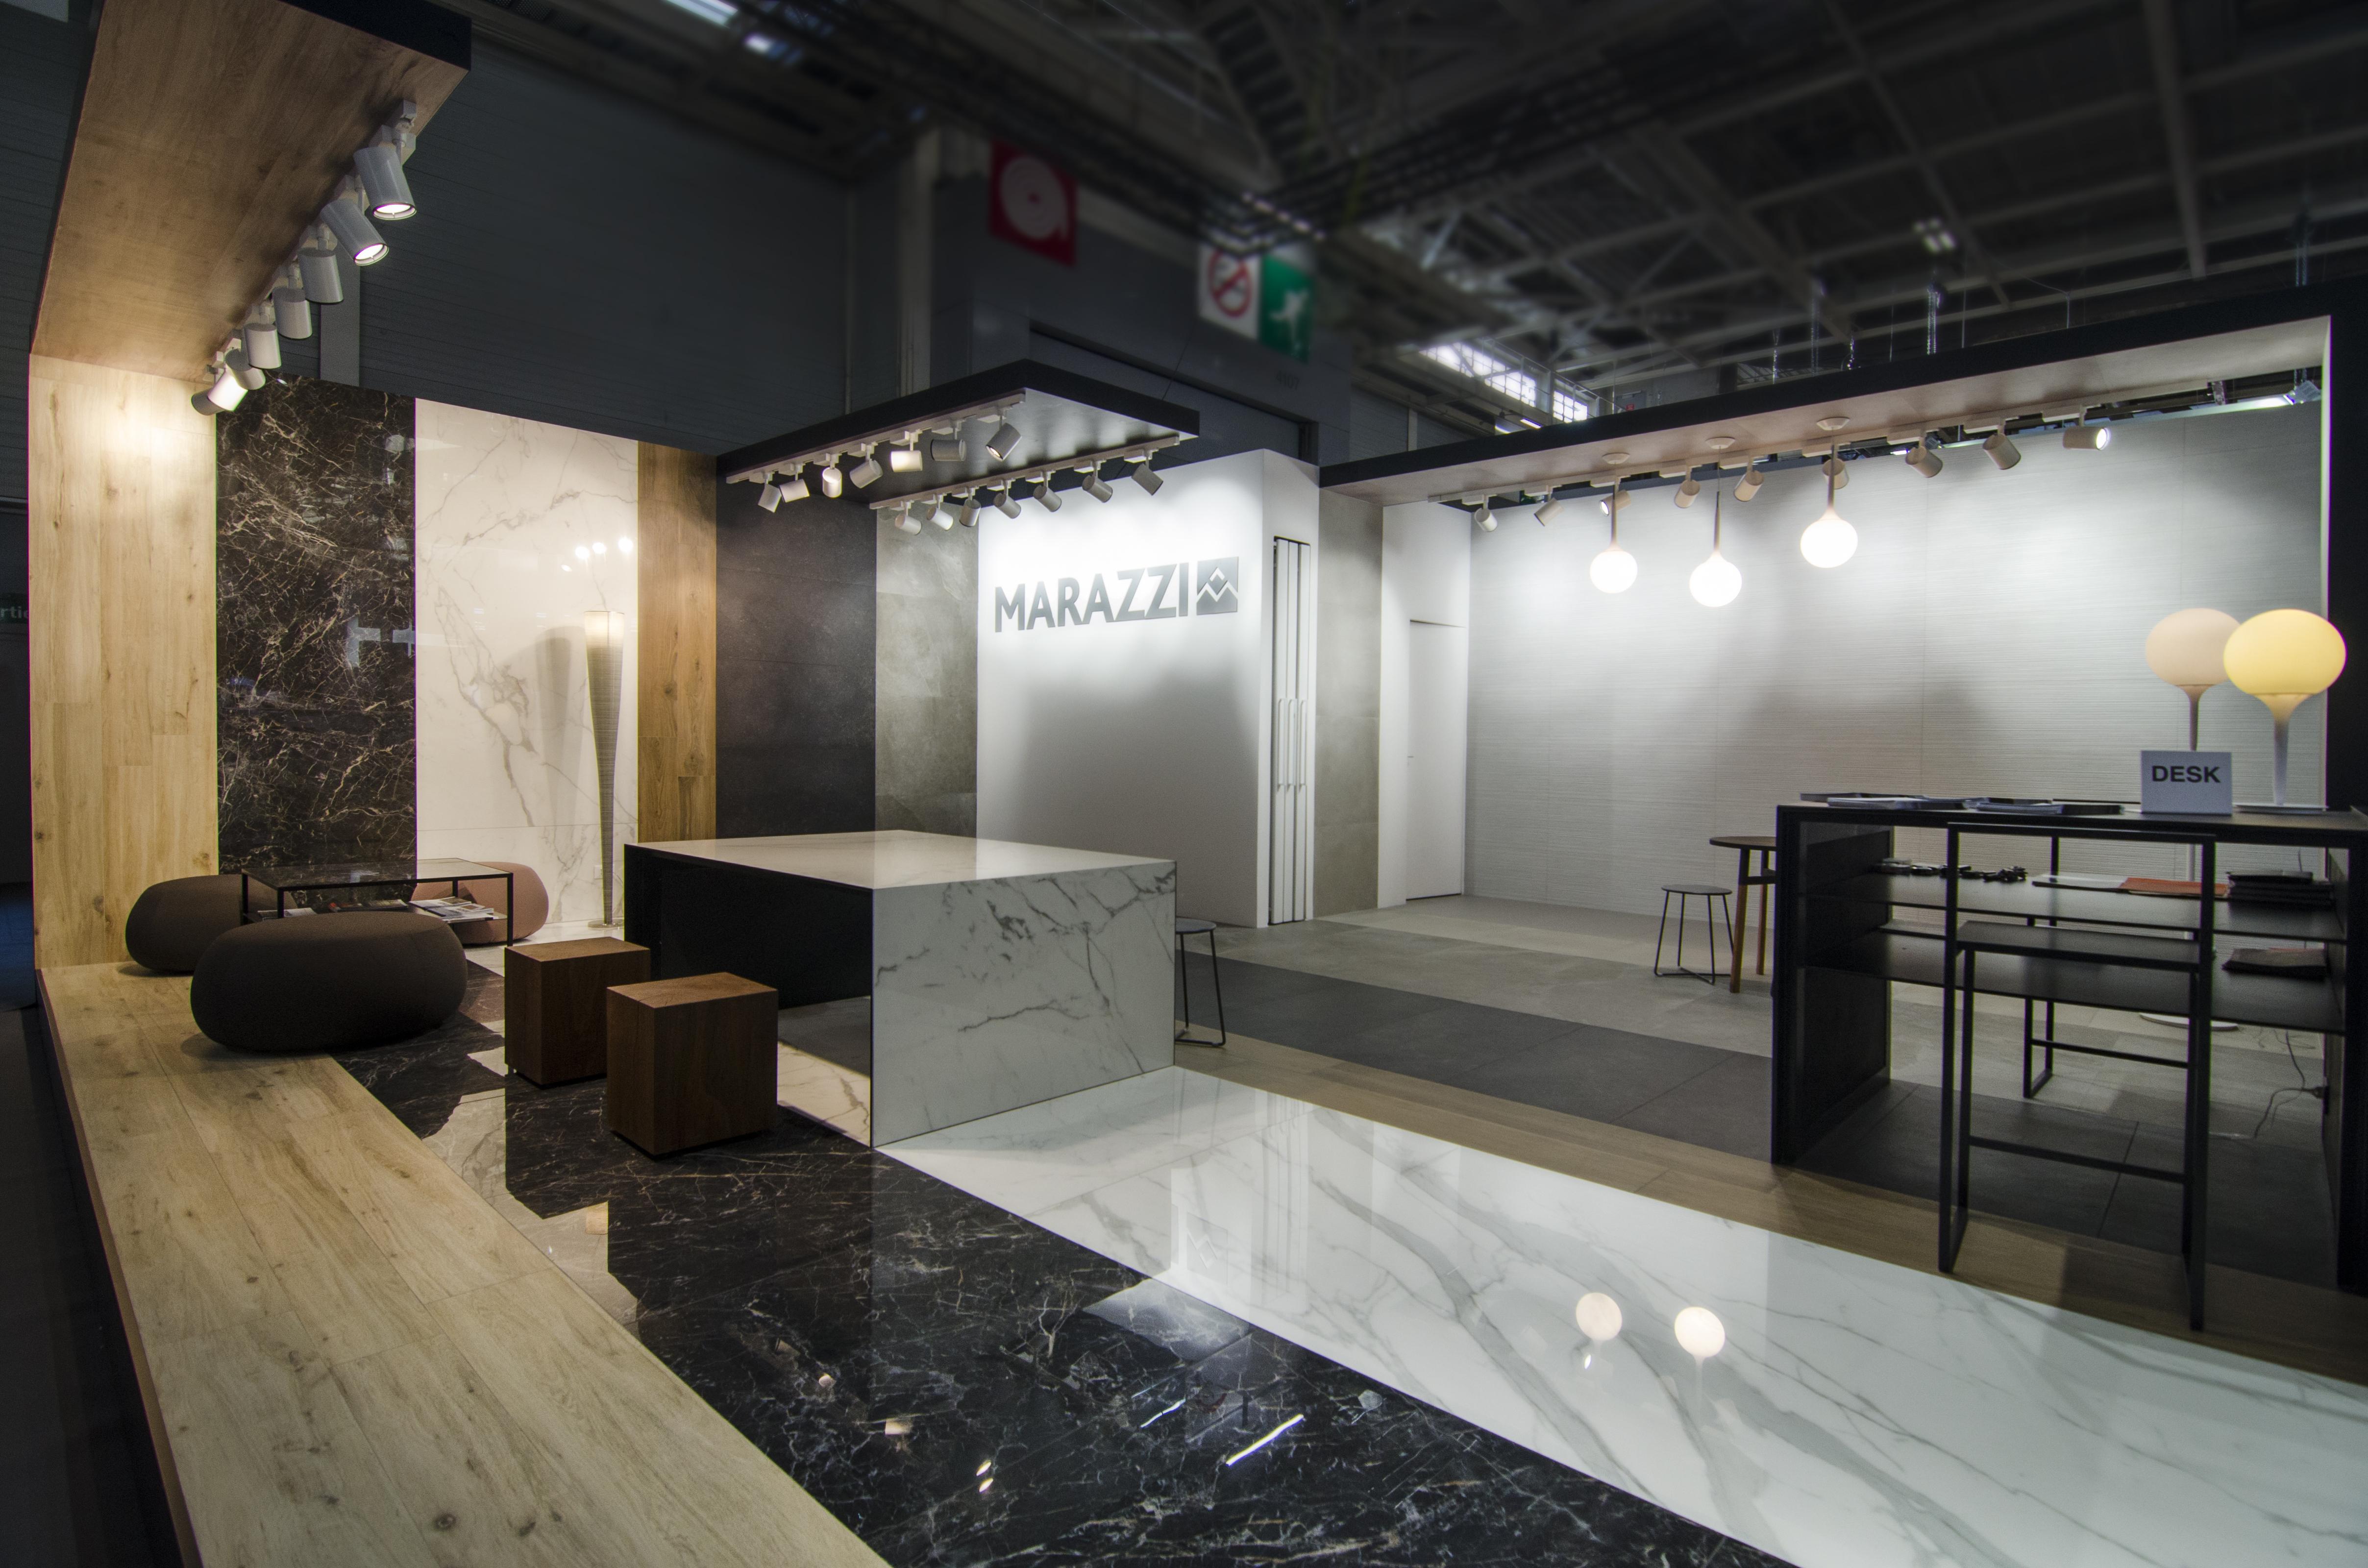 Biennale interieur equipe hotel 2016 euroshop 2017 per for Biennale interieur